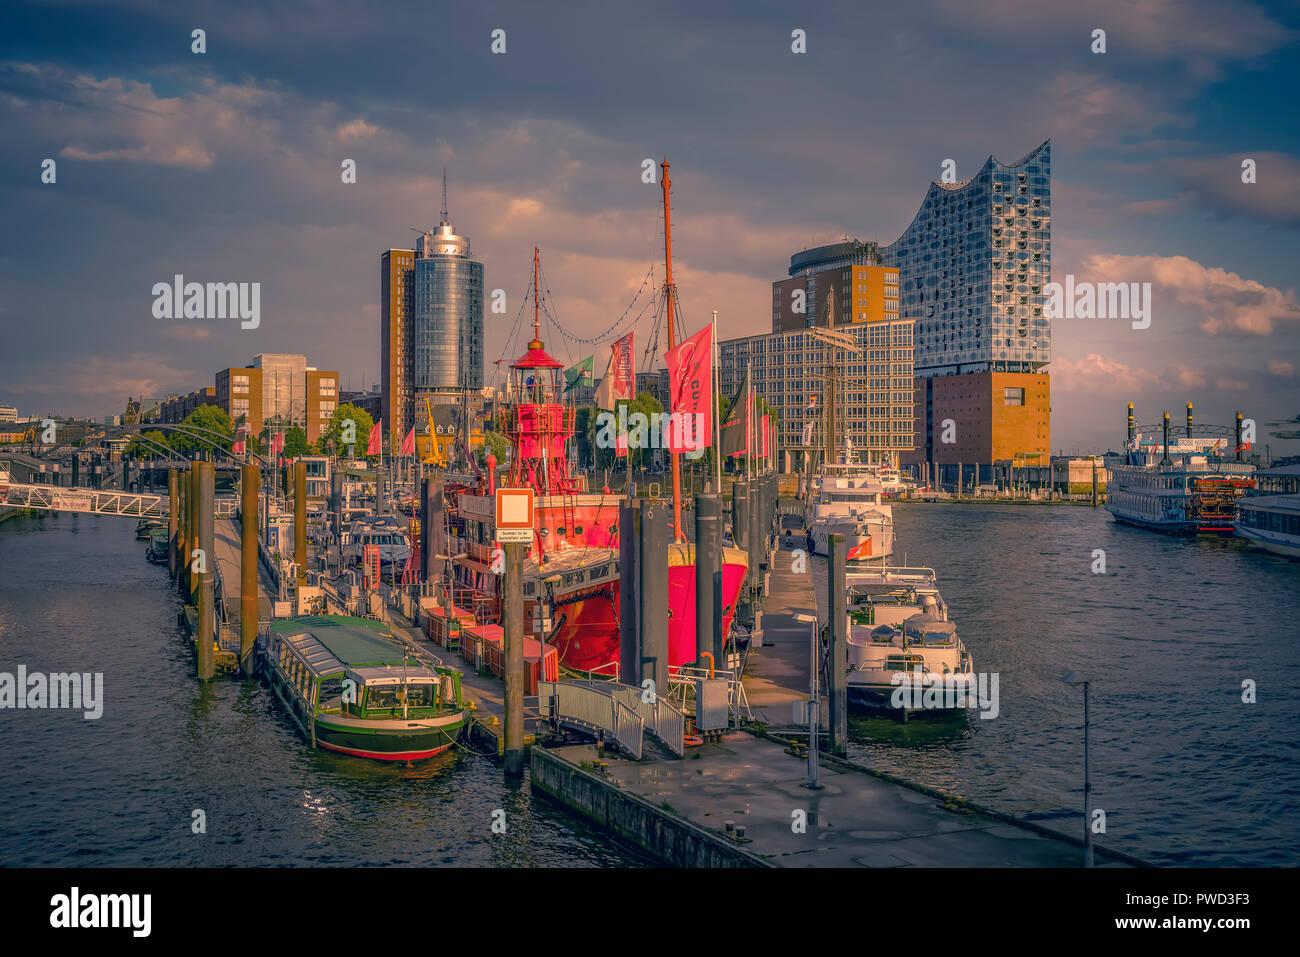 Deutschland, Hamburg, Hafen, Speicherstadt, Hafencity, Überseebrücke, Feuerschiff, Elbphilharmonie - Stock Image